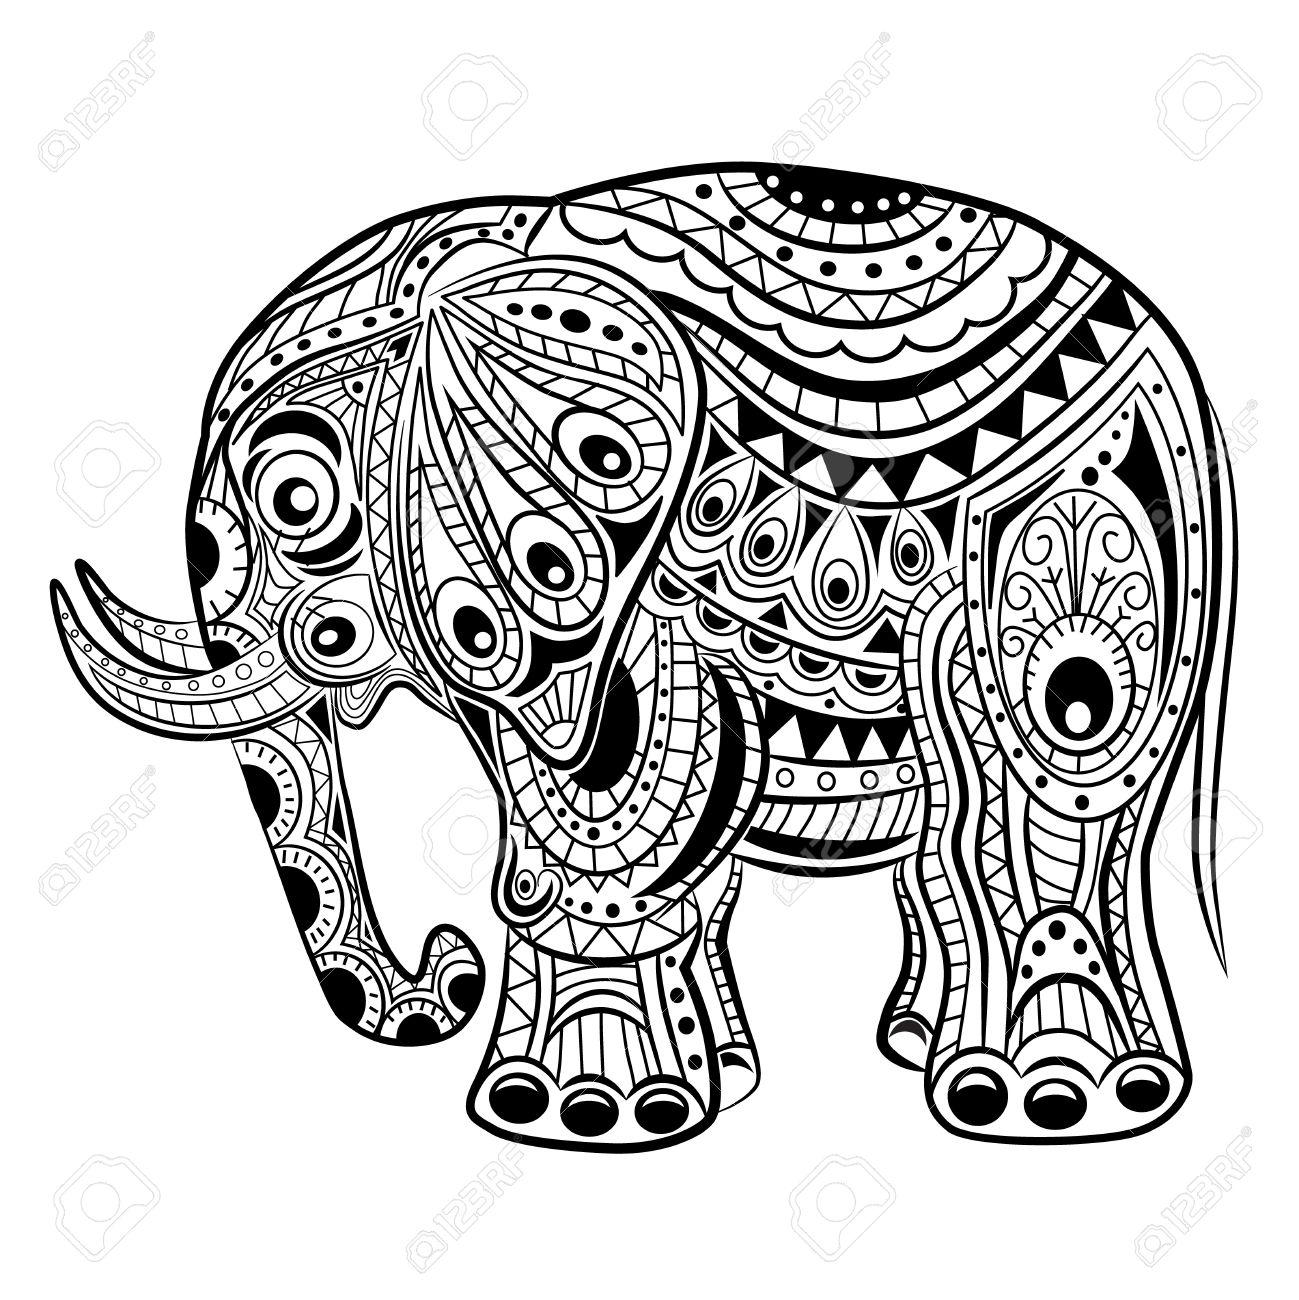 Dibujado A Mano De Tinta Elefante Zentangle Para El Relax Y La ...